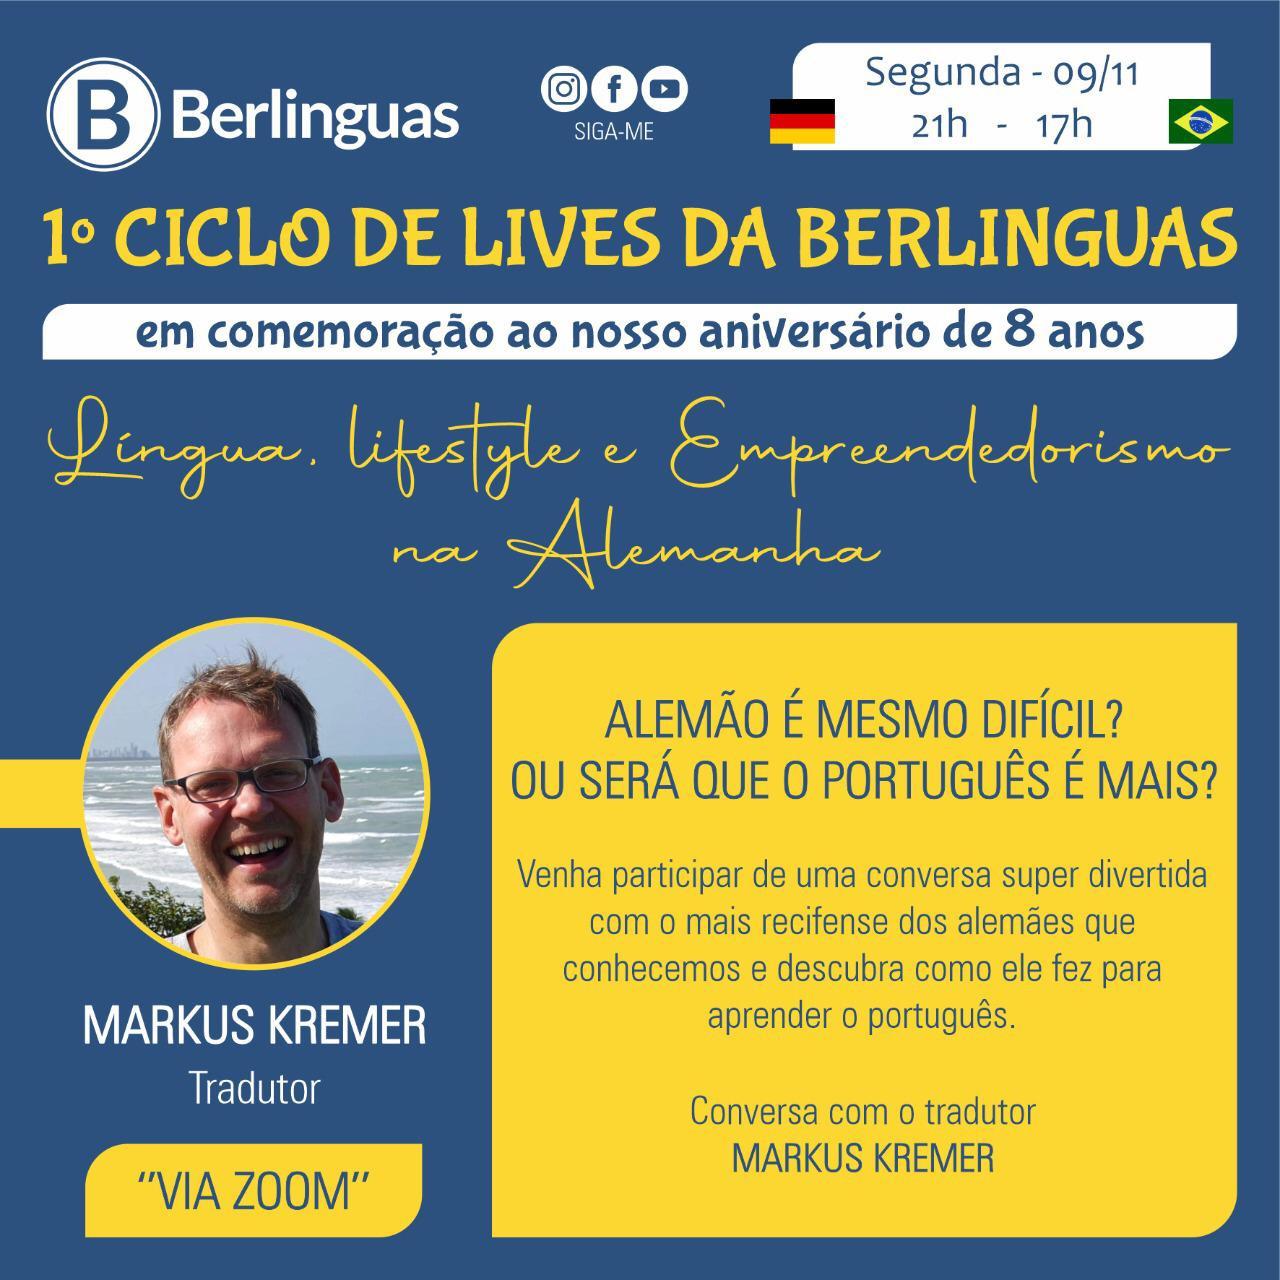 1-ciclo-de-lives-da-berlinguas-markus-kremer